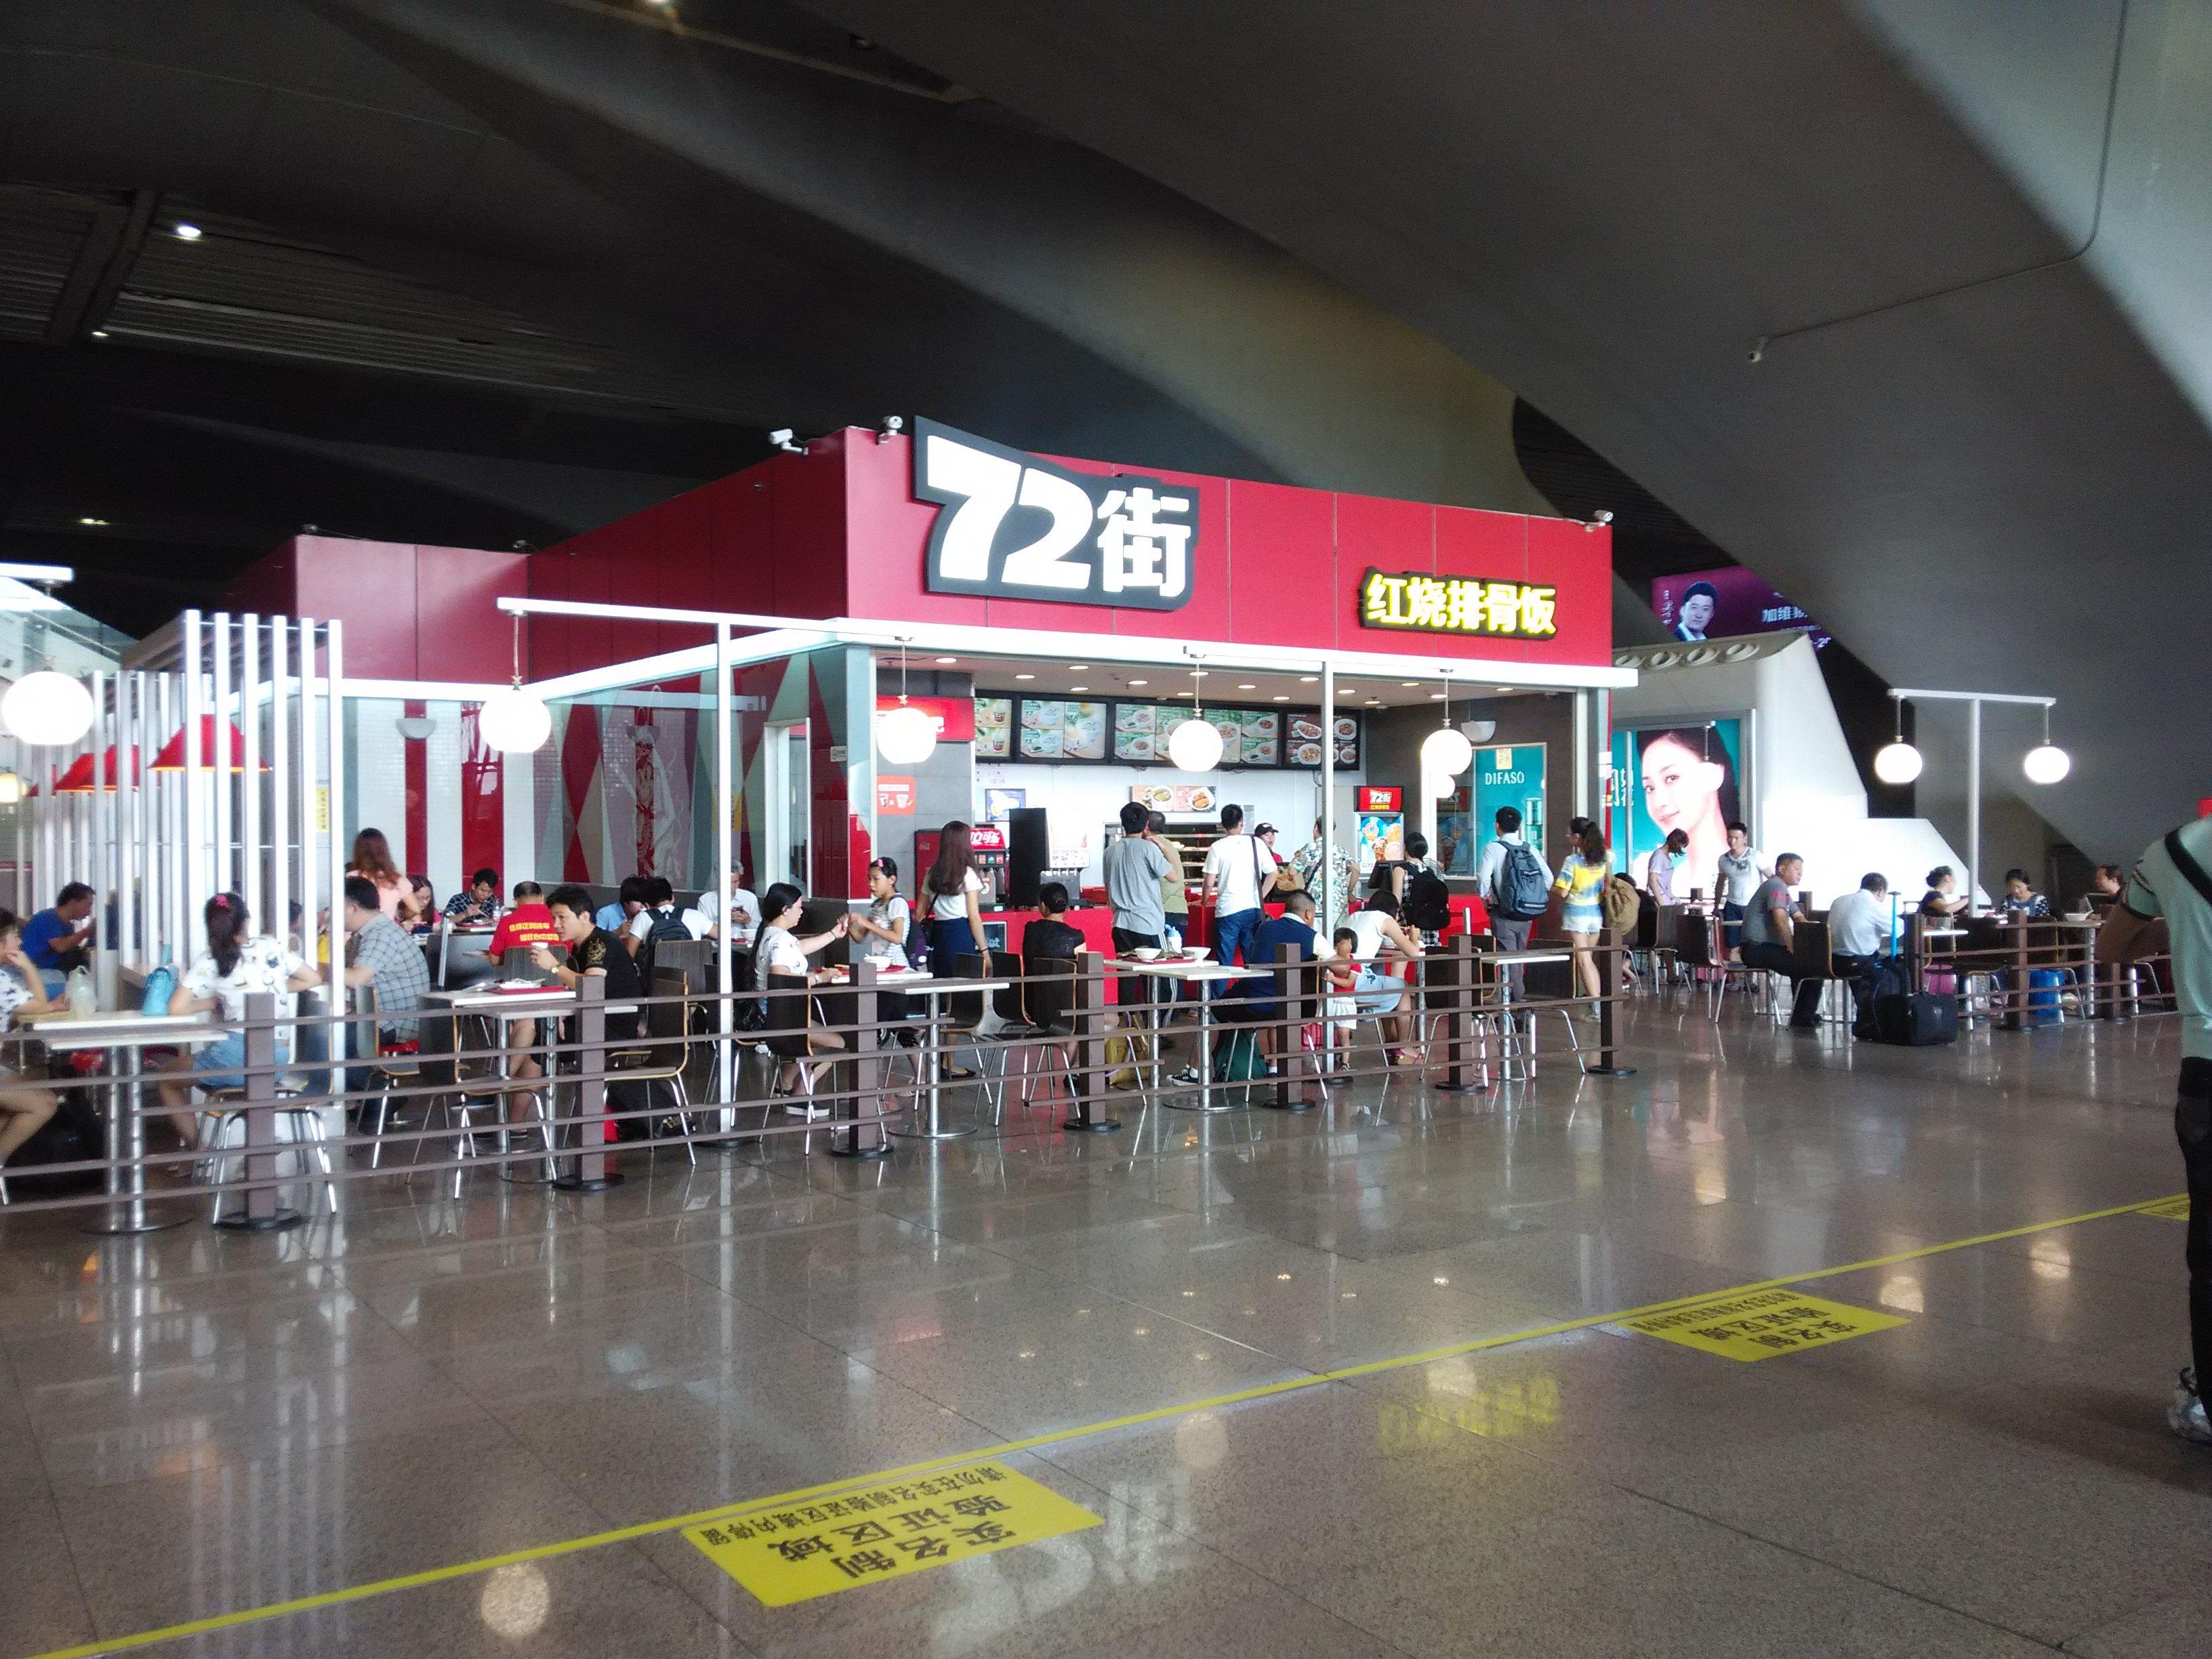 广州南  在火车上看了一场电影,不到12点我们的火车准点到达桂林北站